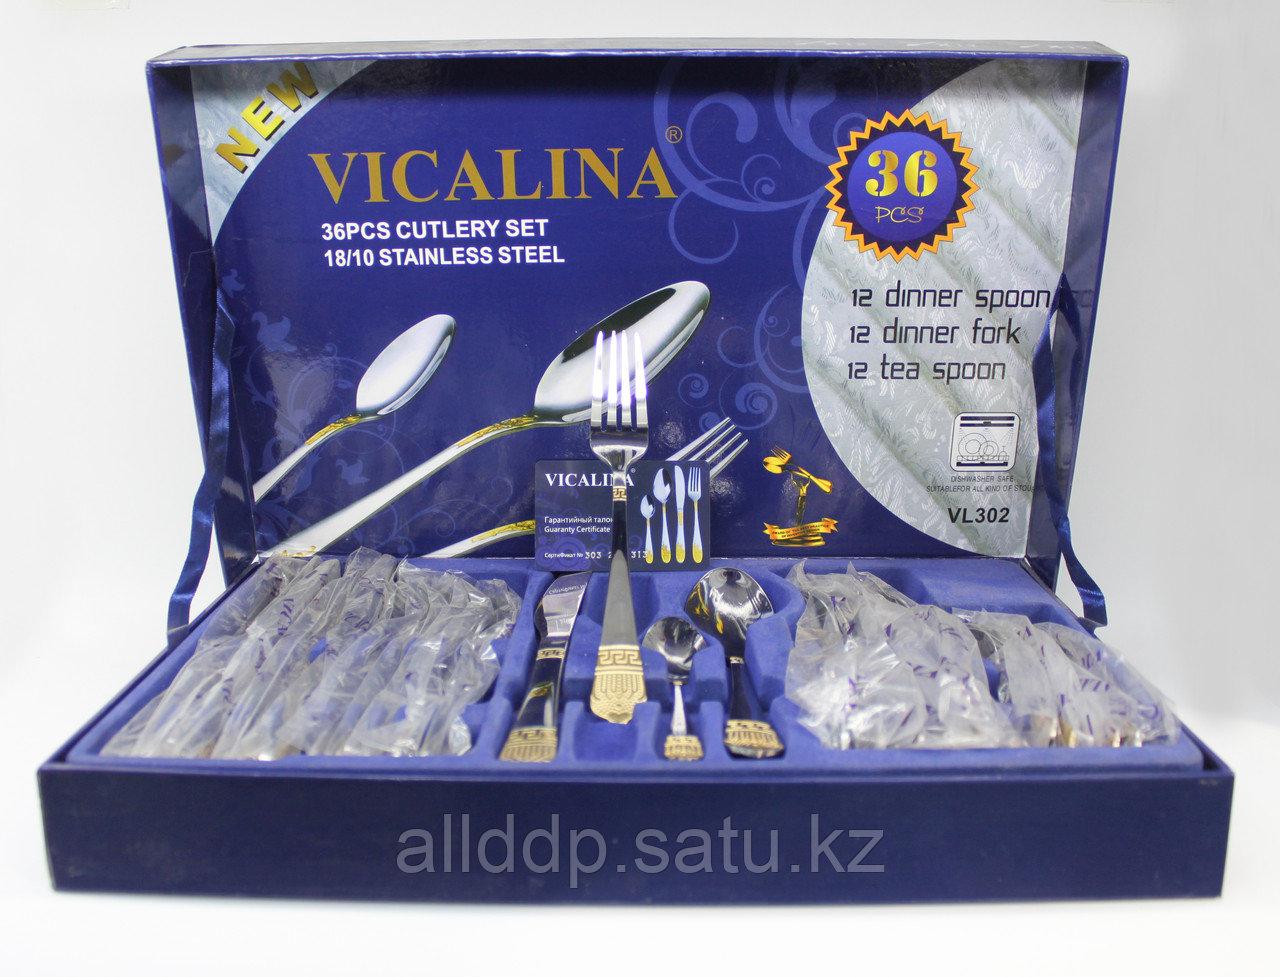 Набор столовых приборов, Vicalina, 36 предметов на 6 персон